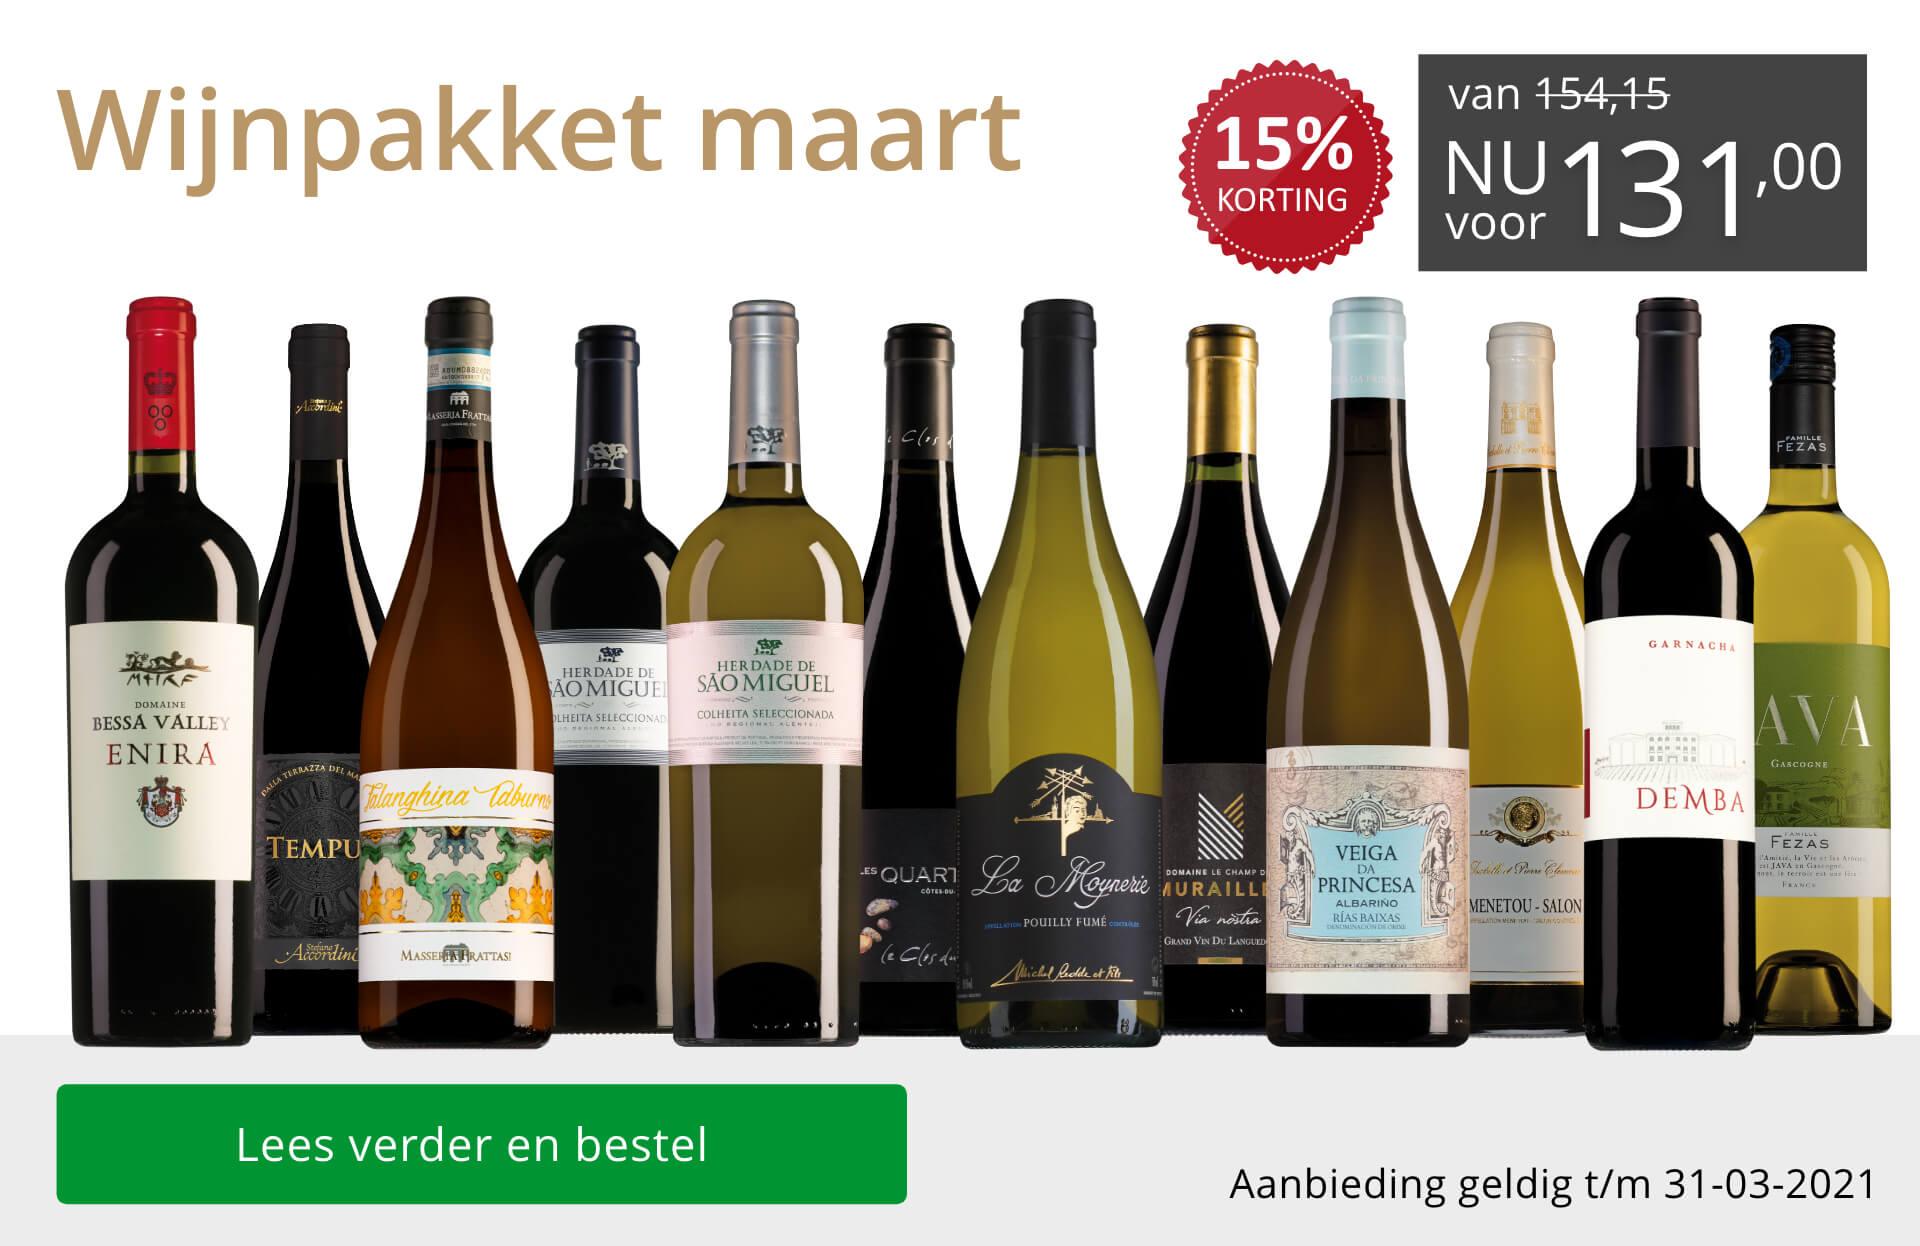 Wijnpakket wijnbericht maart 2021(131,00) - grijs/goud